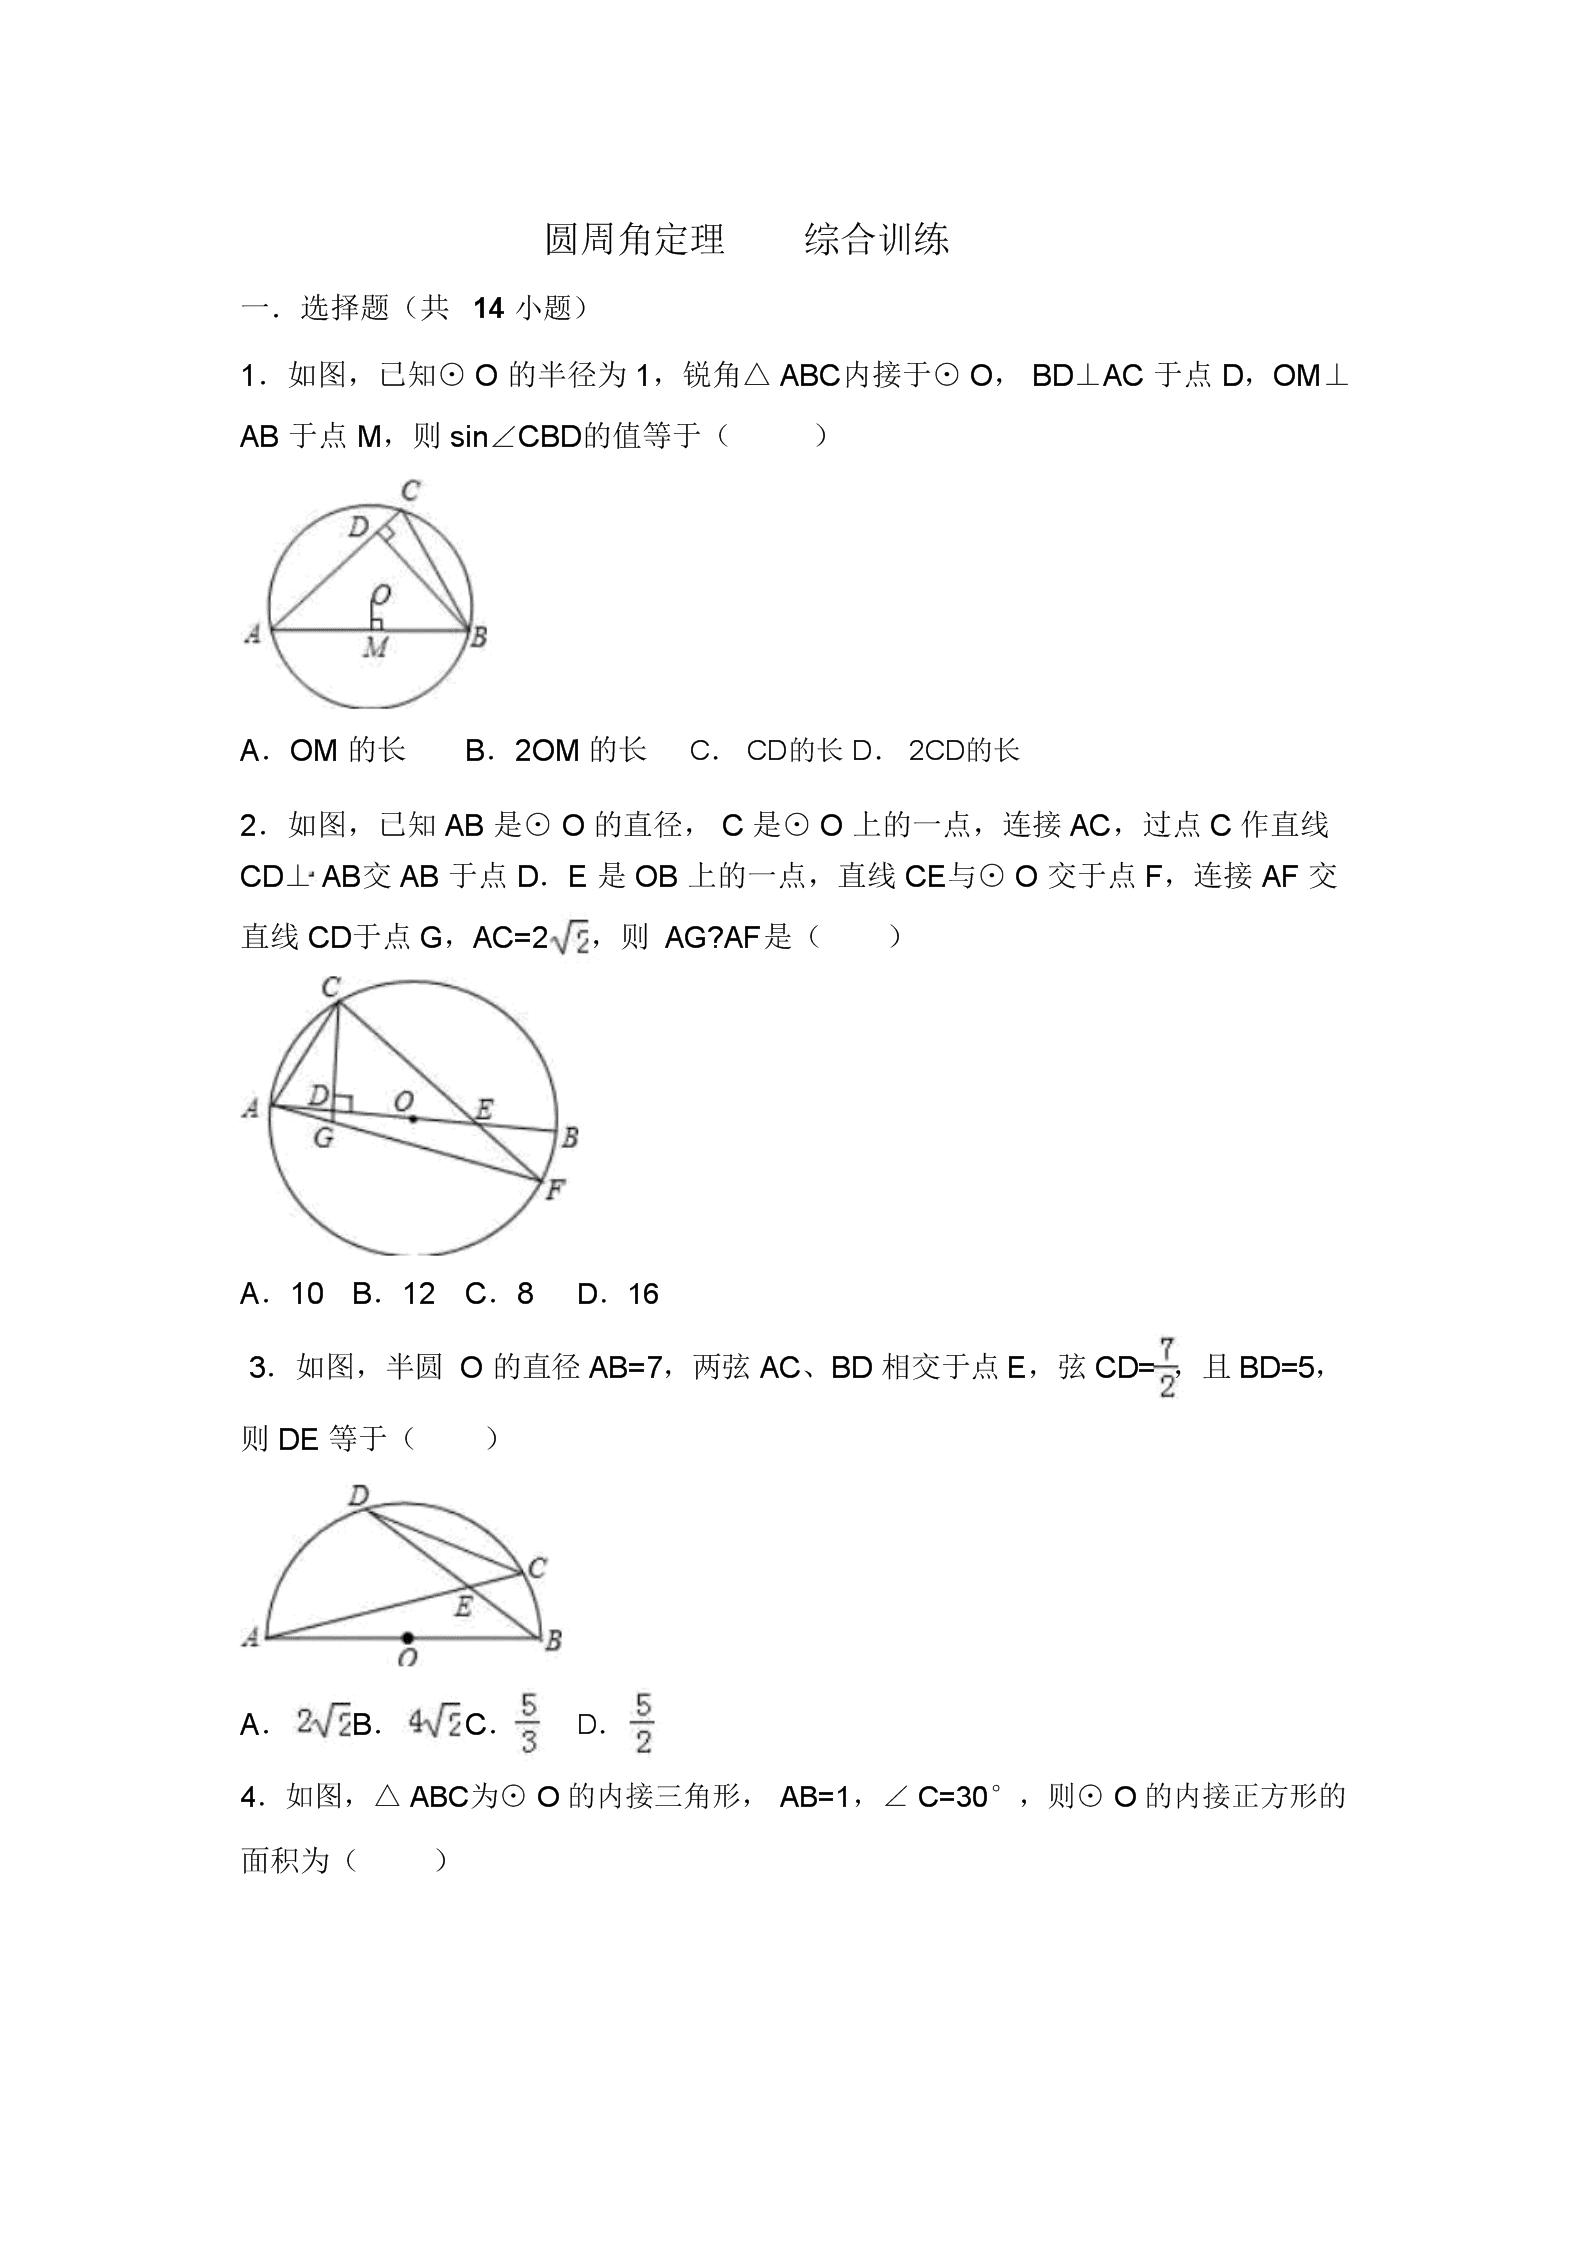 届初中中考数学总结复习圆周角定理的应用专题训练题含含答案.doc